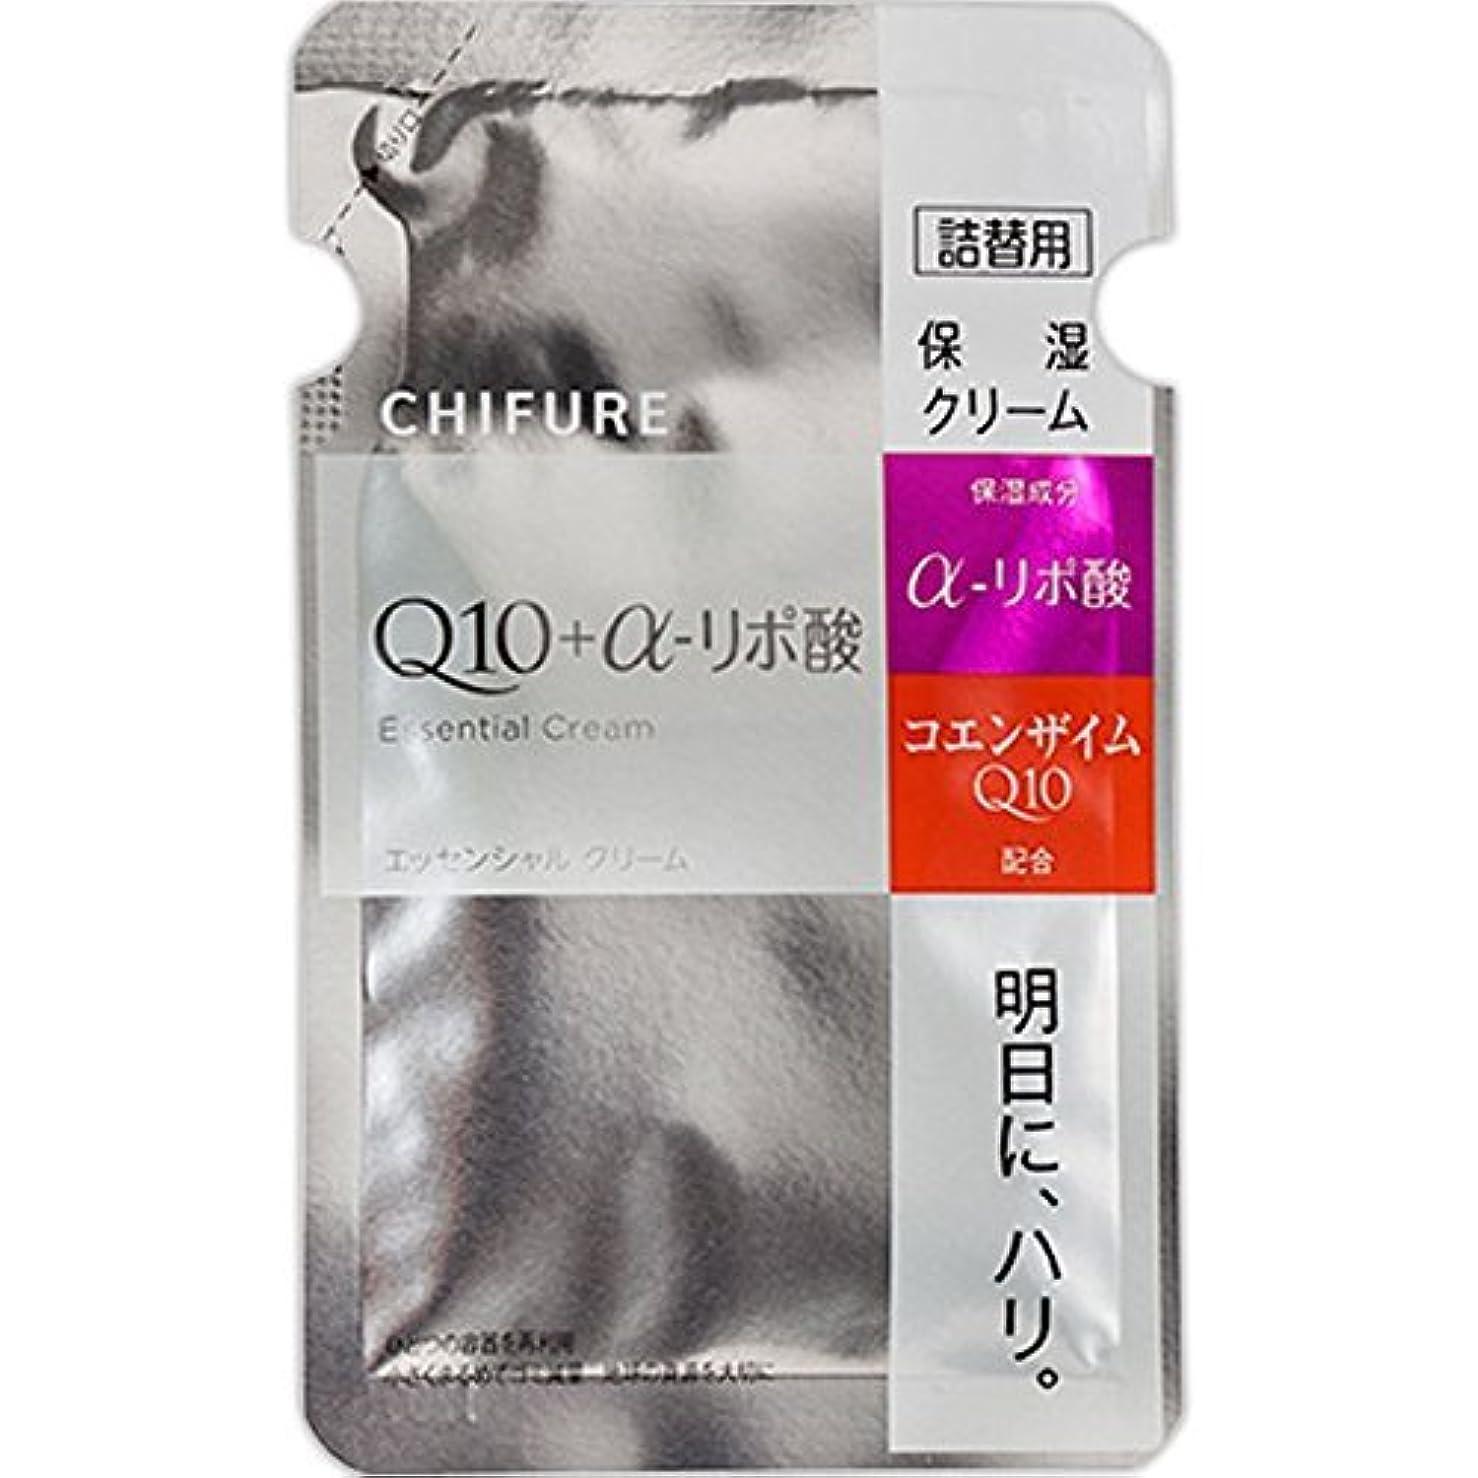 鬼ごっこ磁器説明的ちふれ化粧品 エッセンシャル クリーム 詰替用 30G